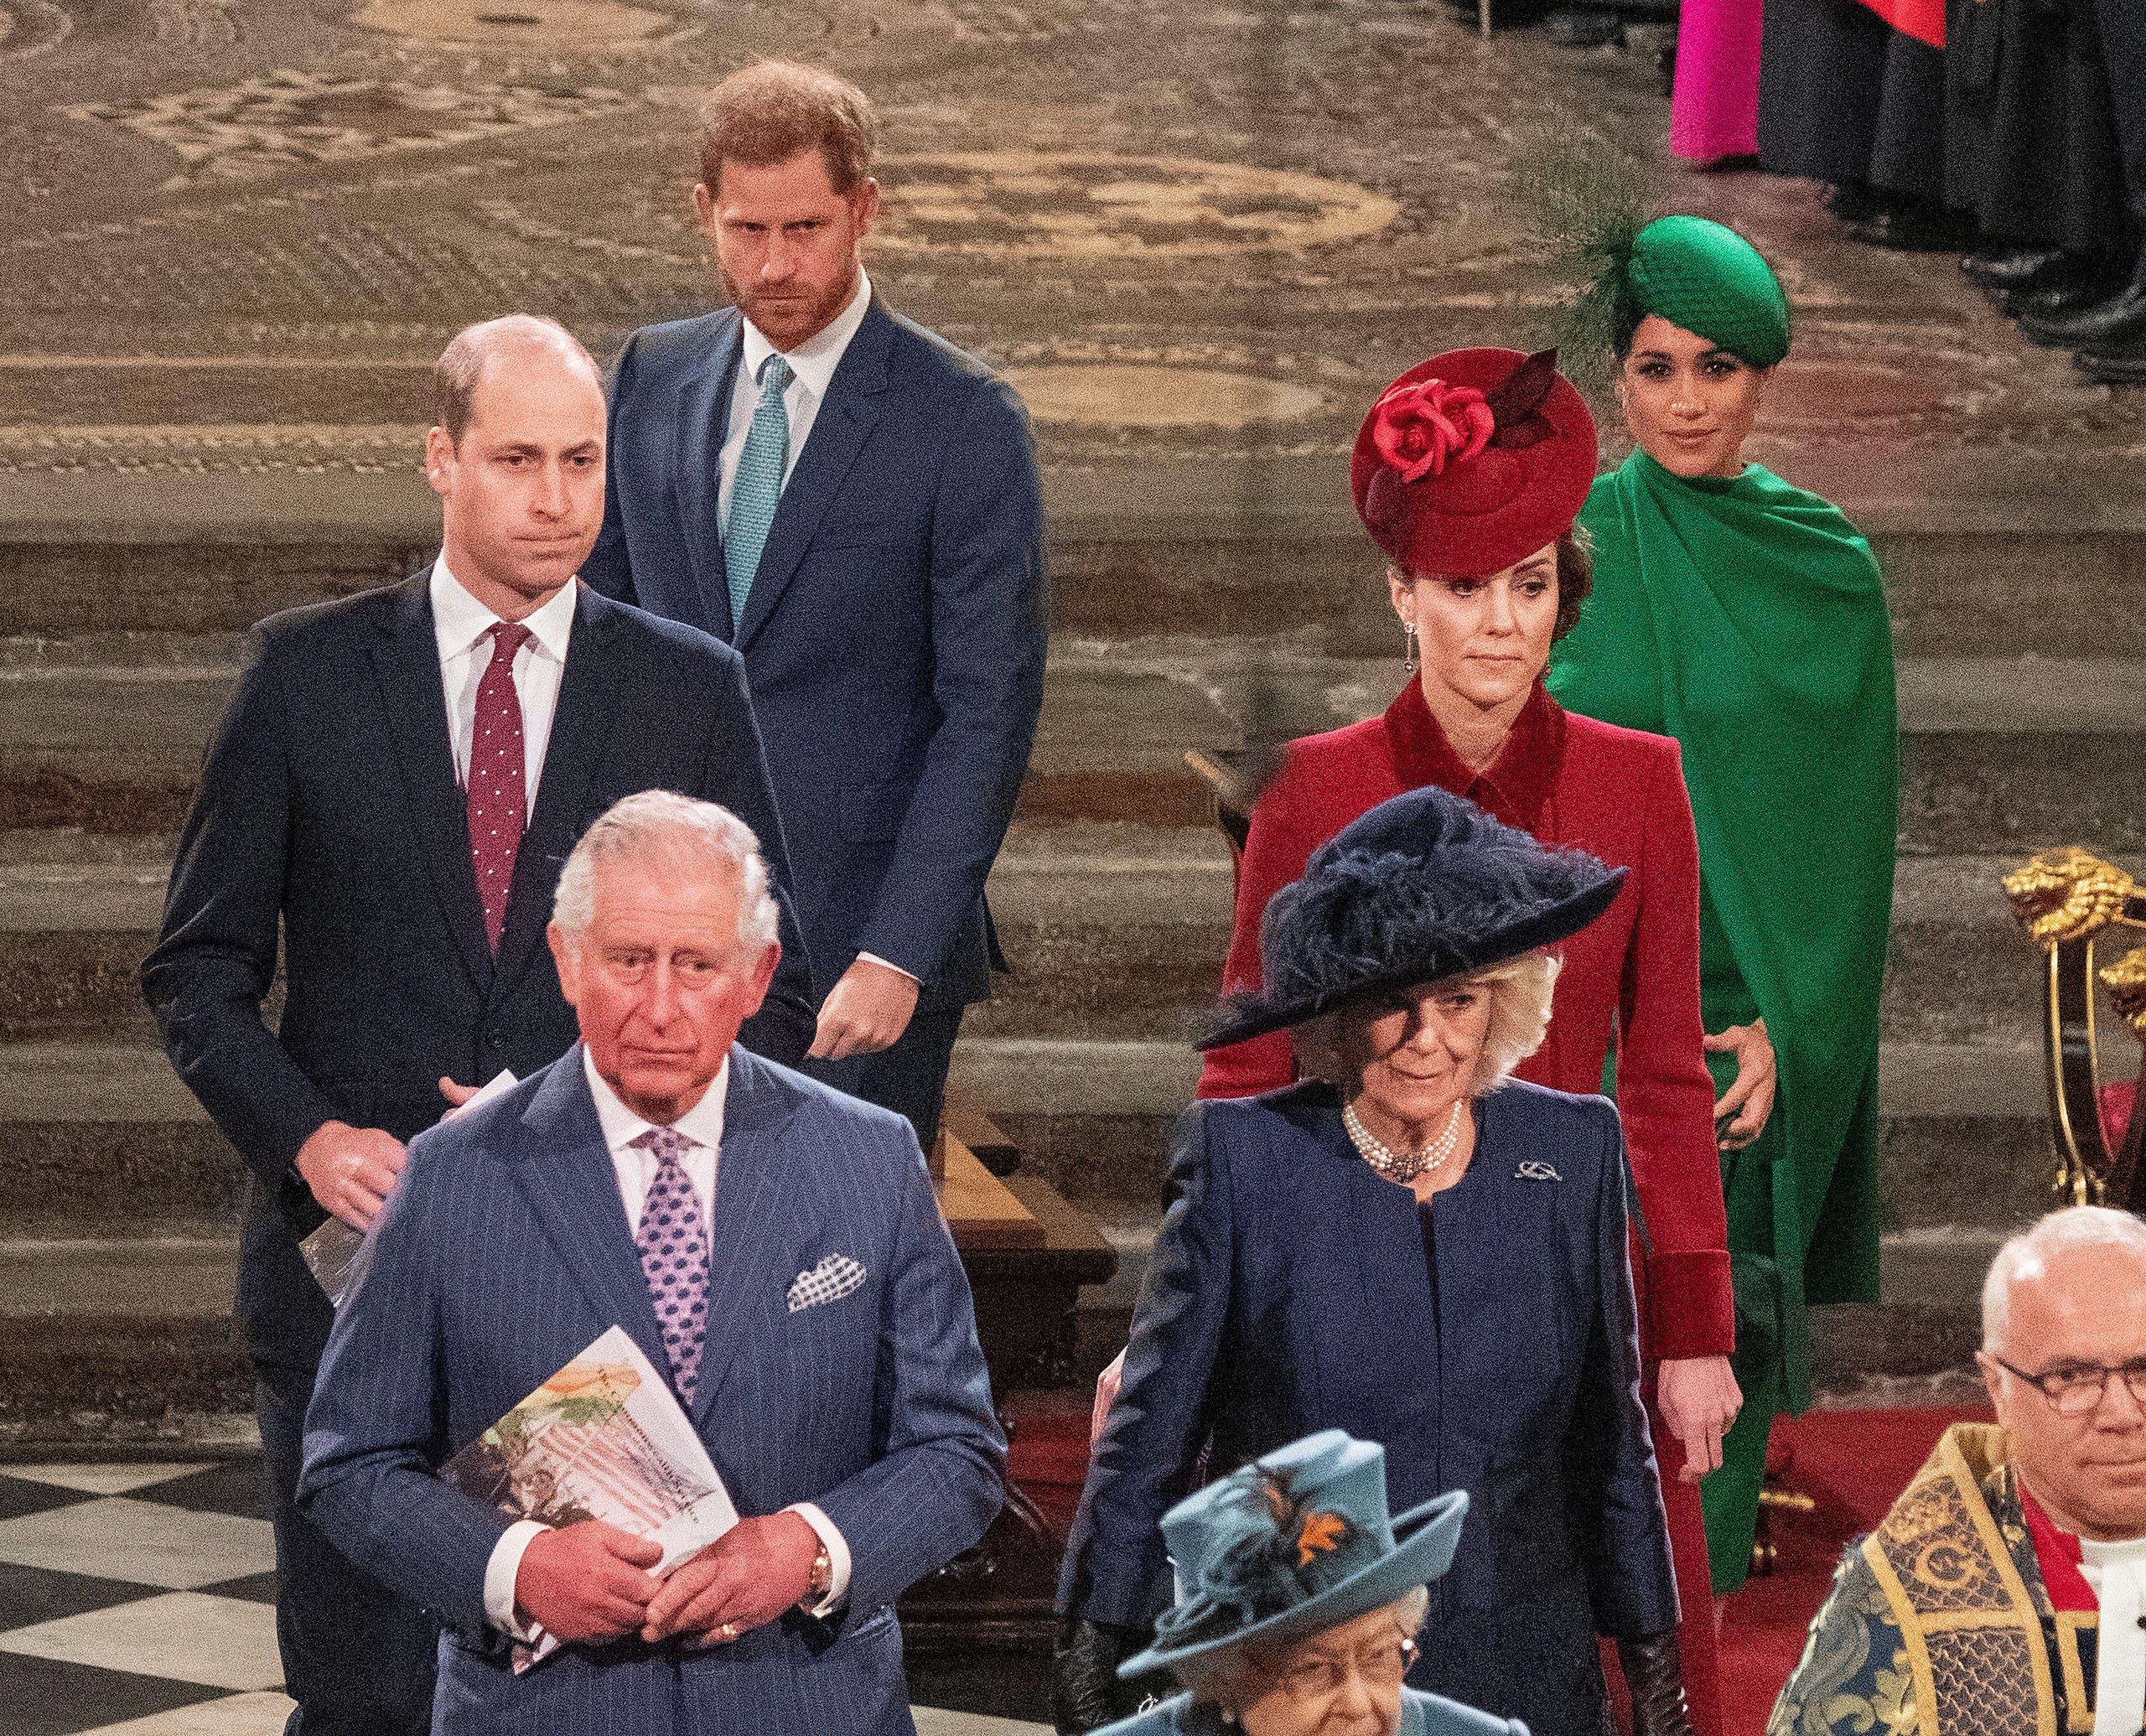 أفراد من العائلة المالكة البريطانية خلال مناسبة رسمية في مارس الماضي